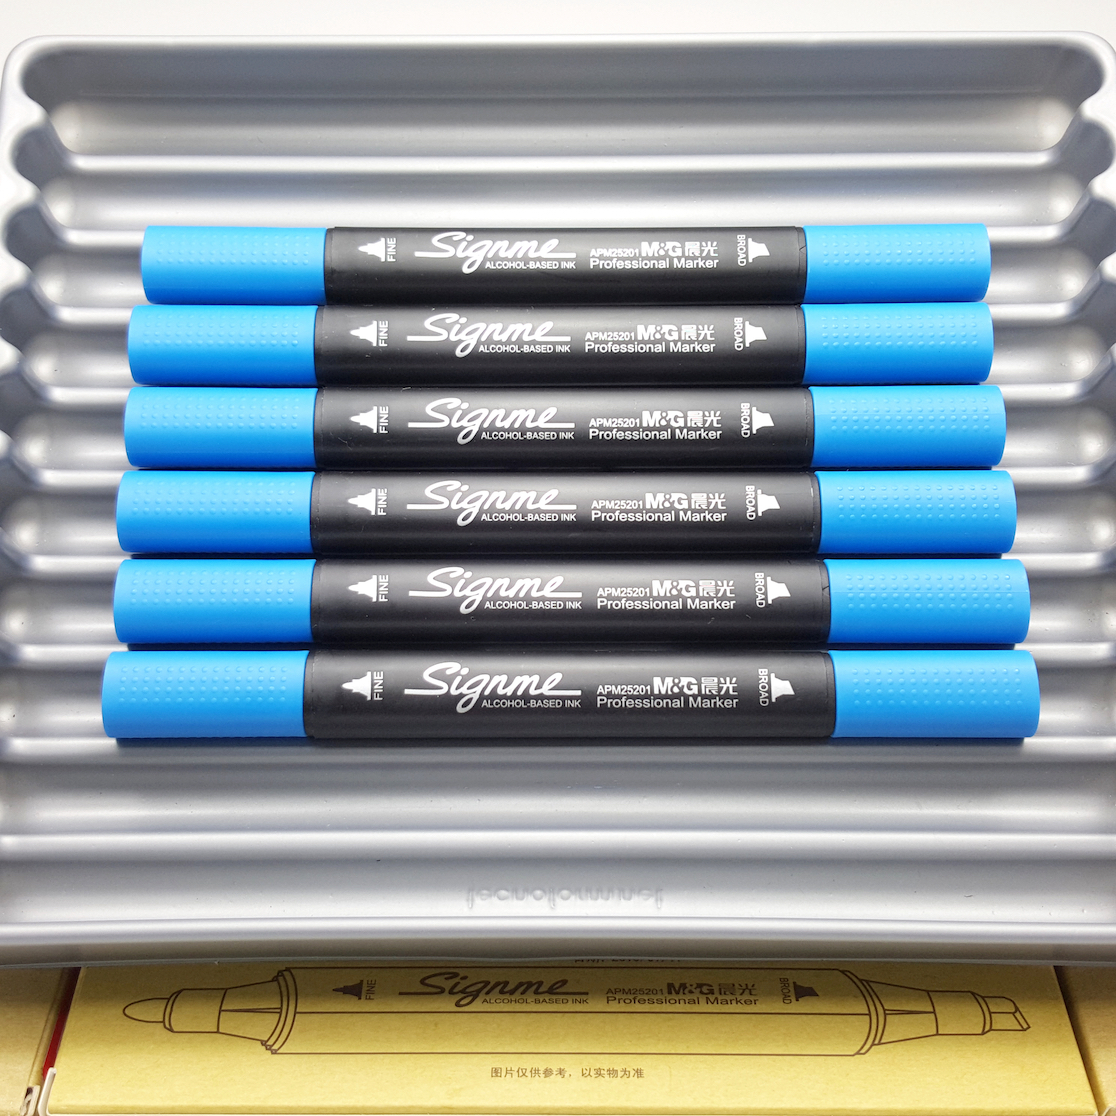 ปากกามาร์คเกอร์ไซน์มิ Signme Professional Marker - #064